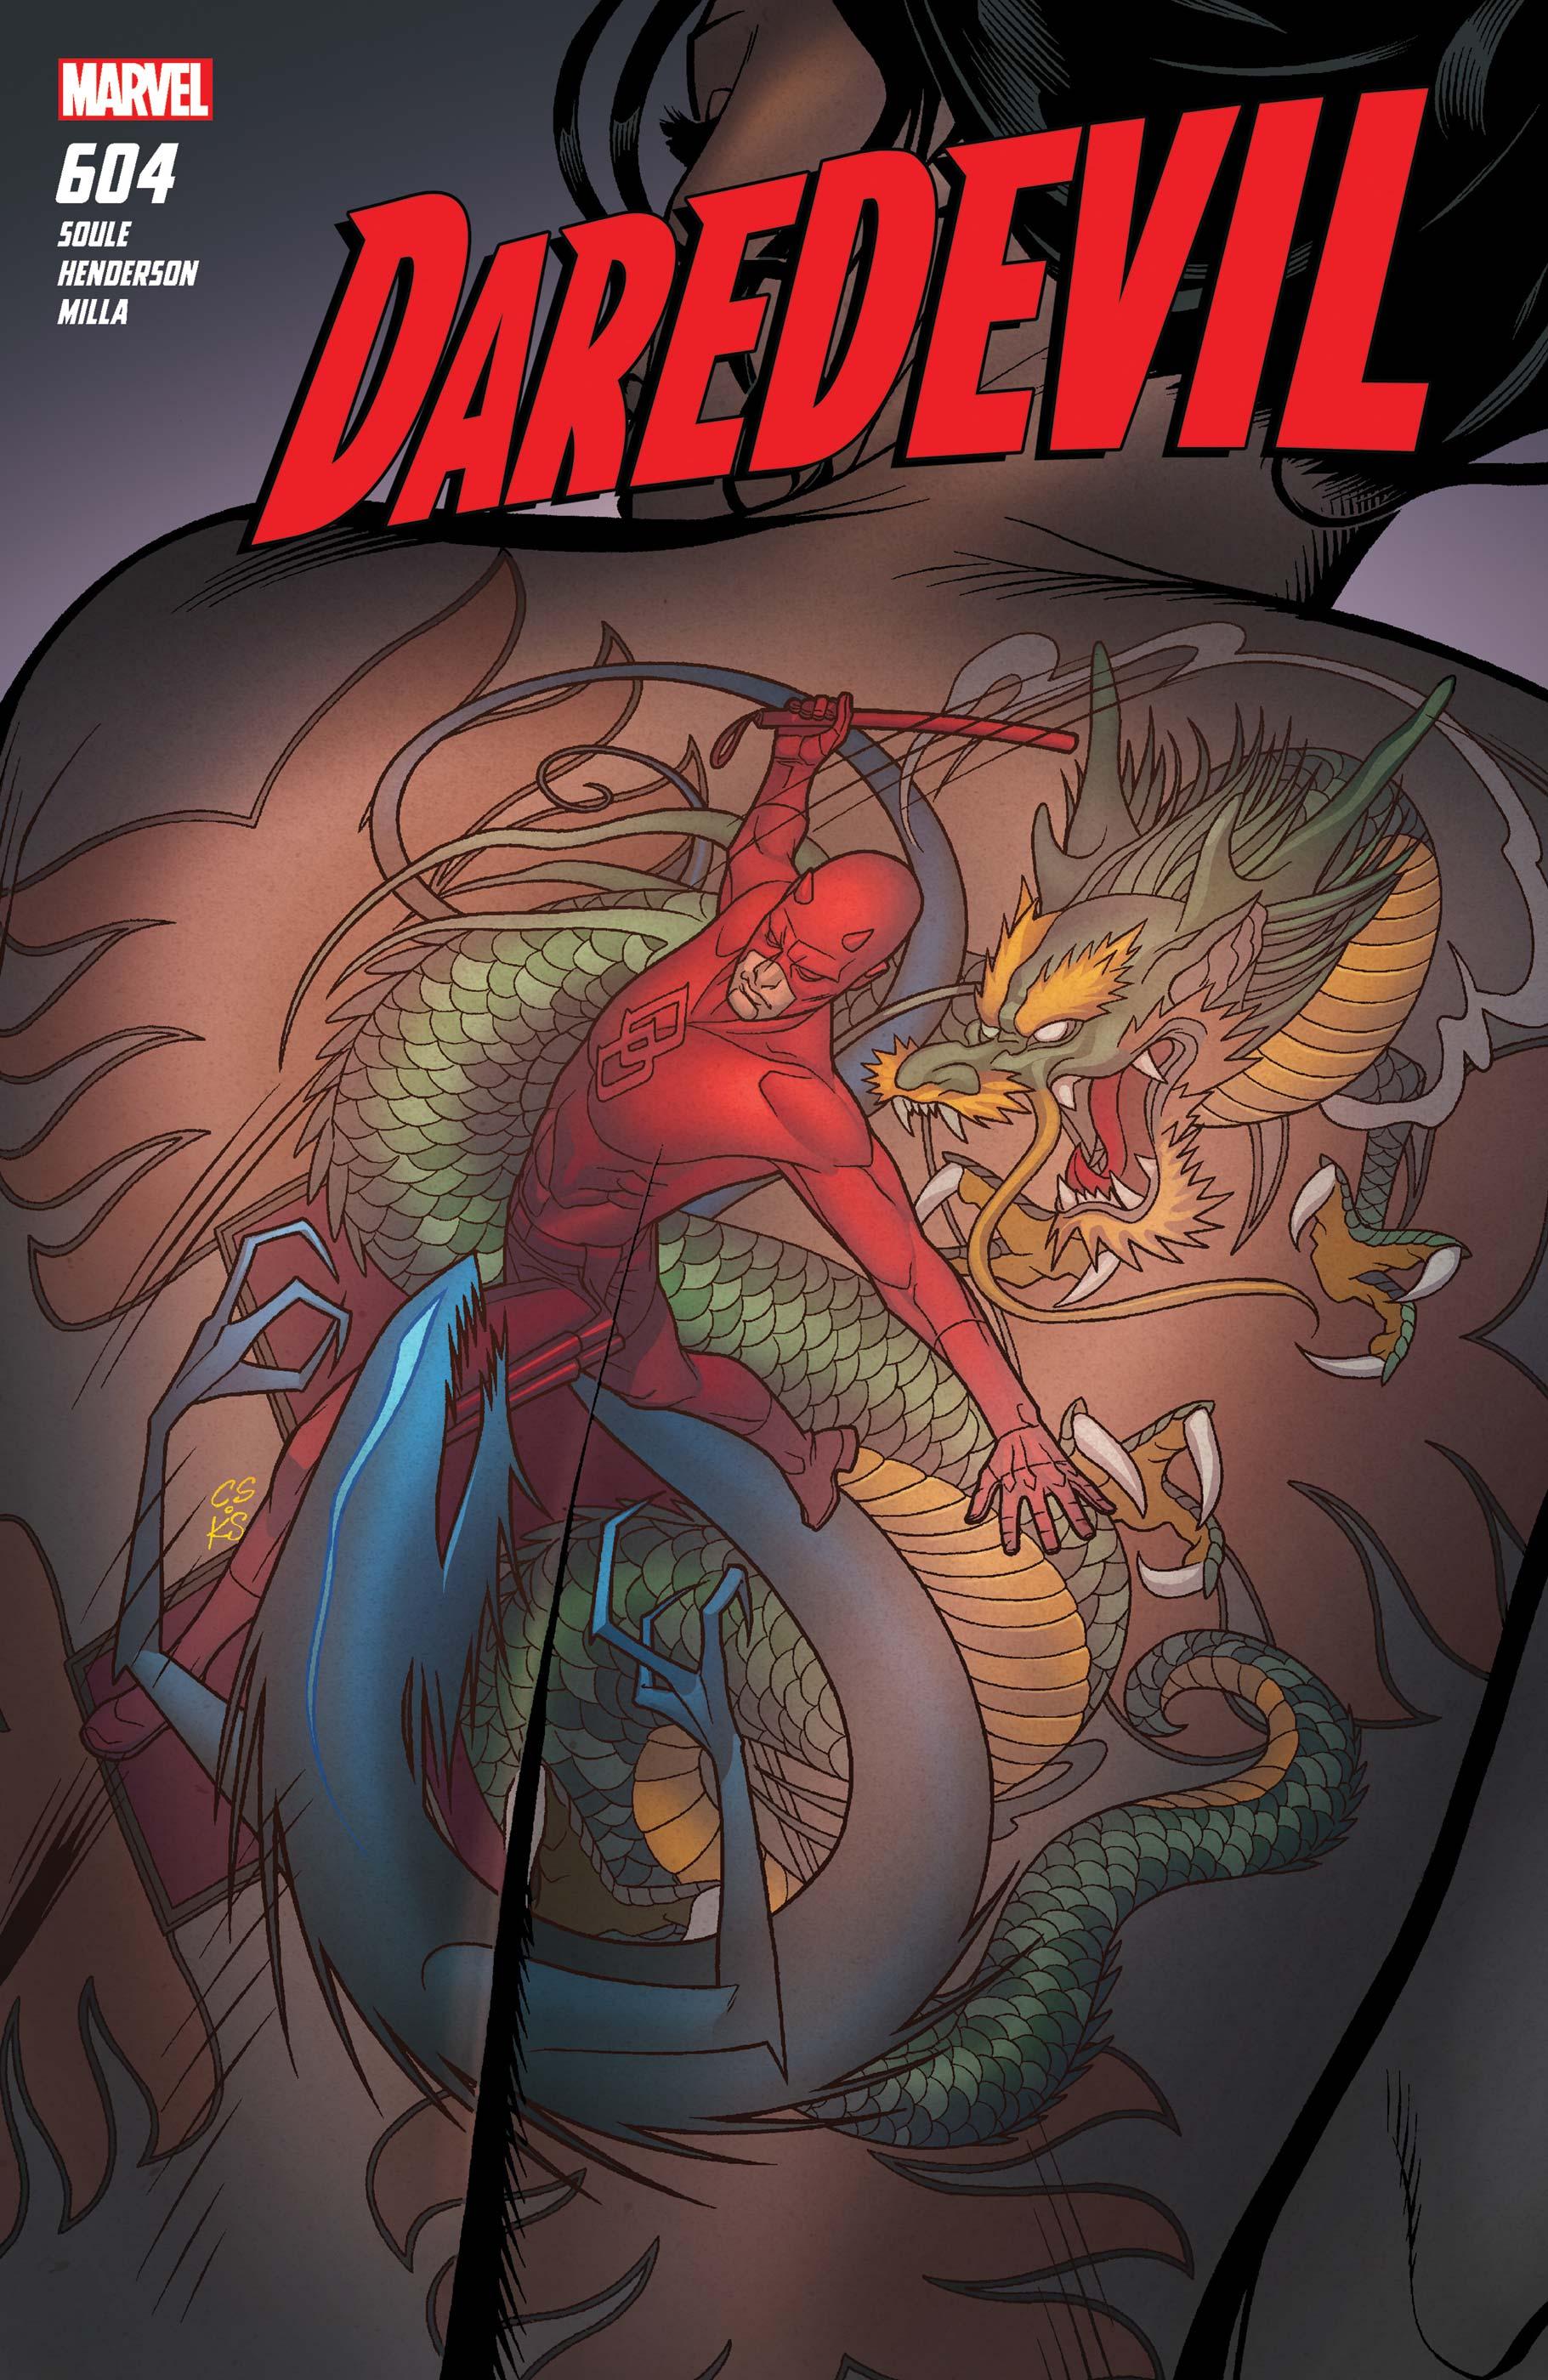 Daredevil (2015) #604